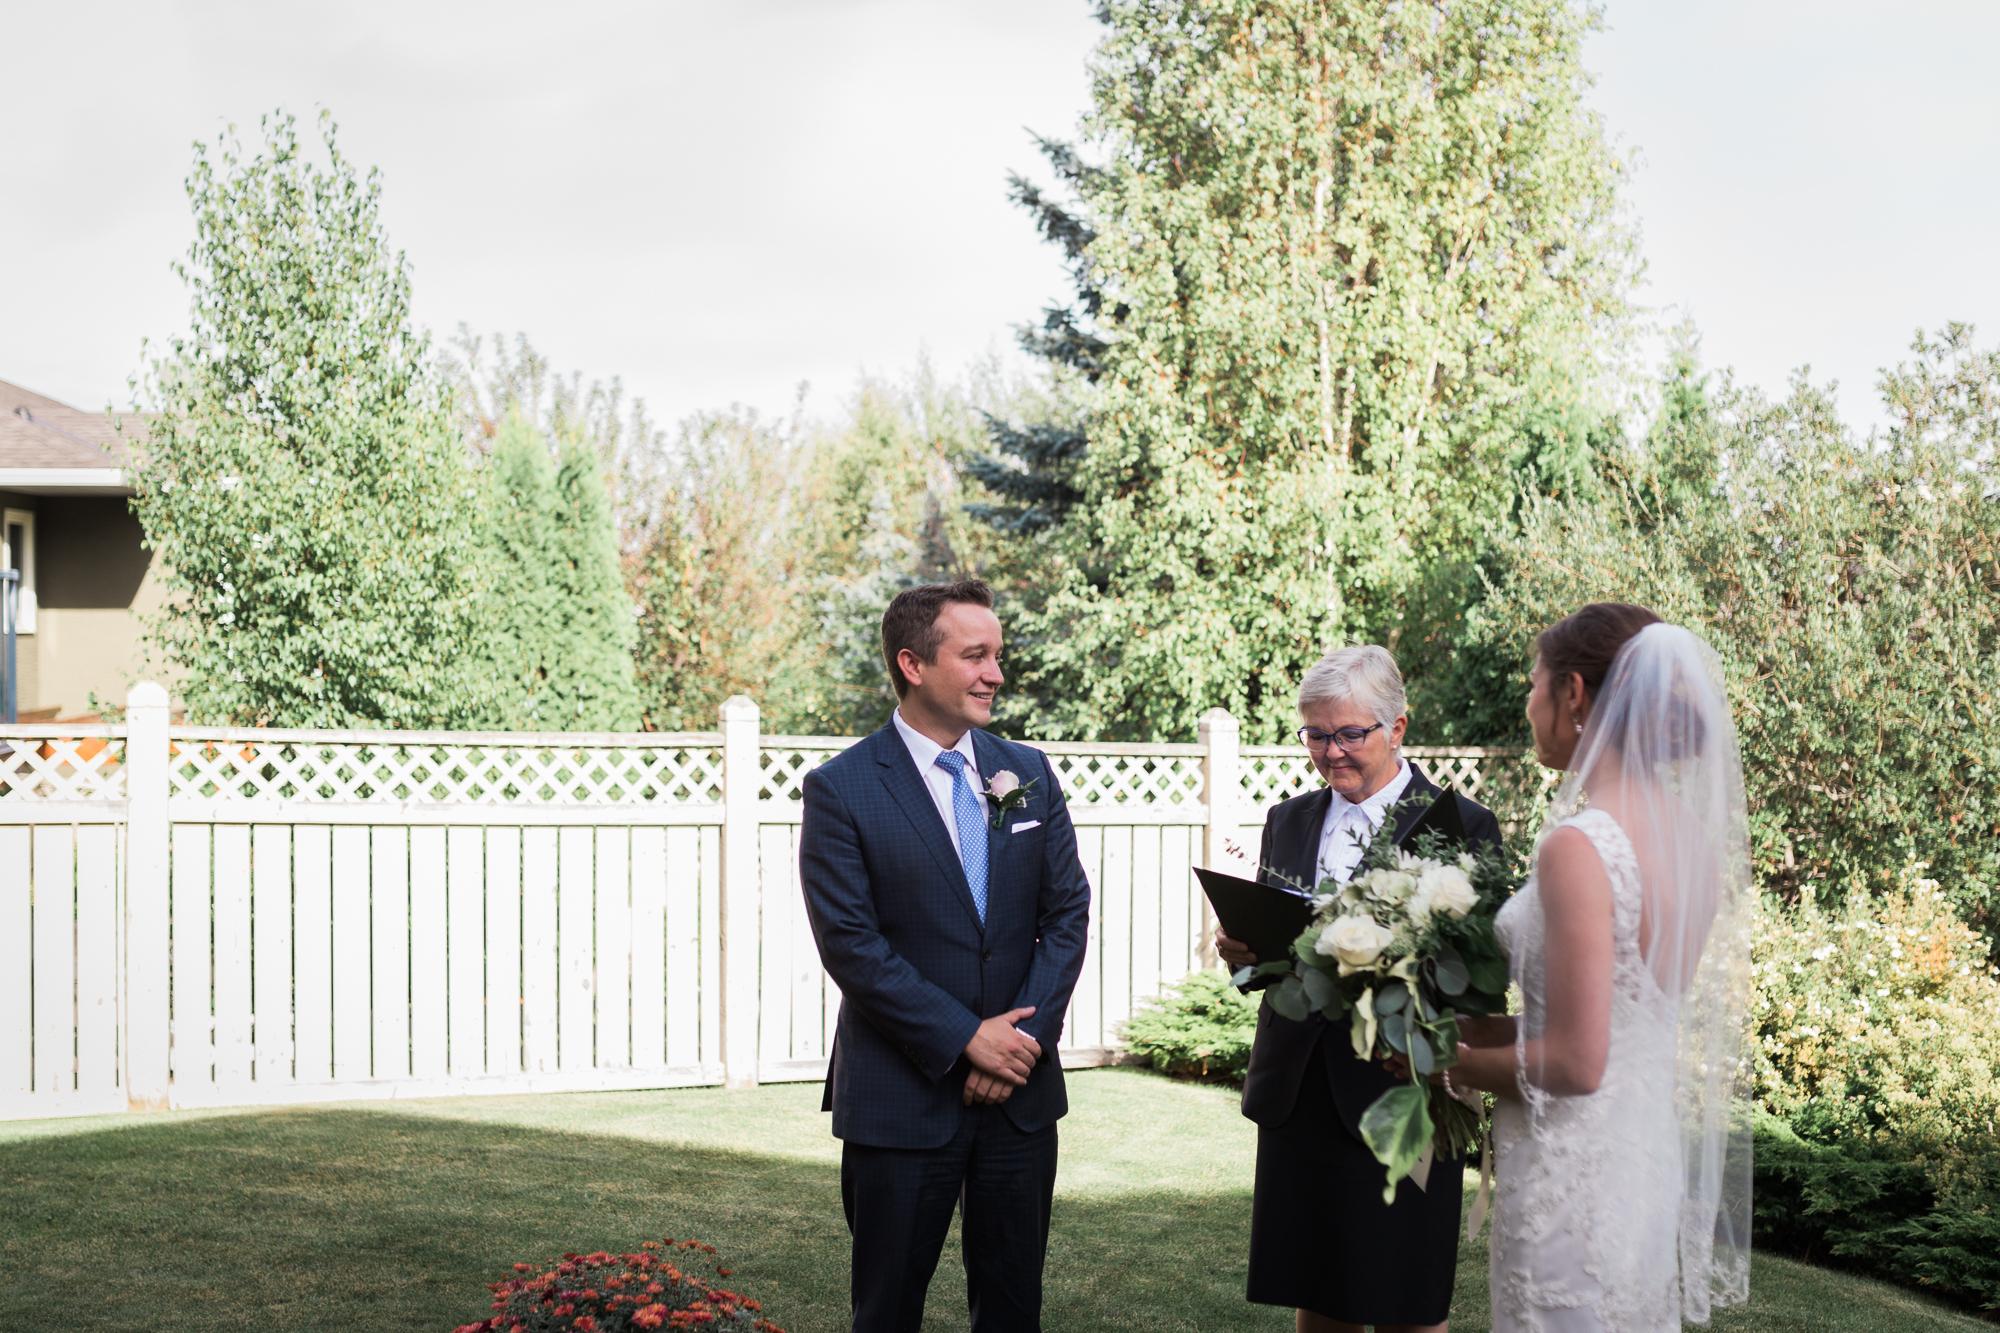 Deanna-Rachel-Photography-calgary-Wedding-photographer-jm-54.jpg